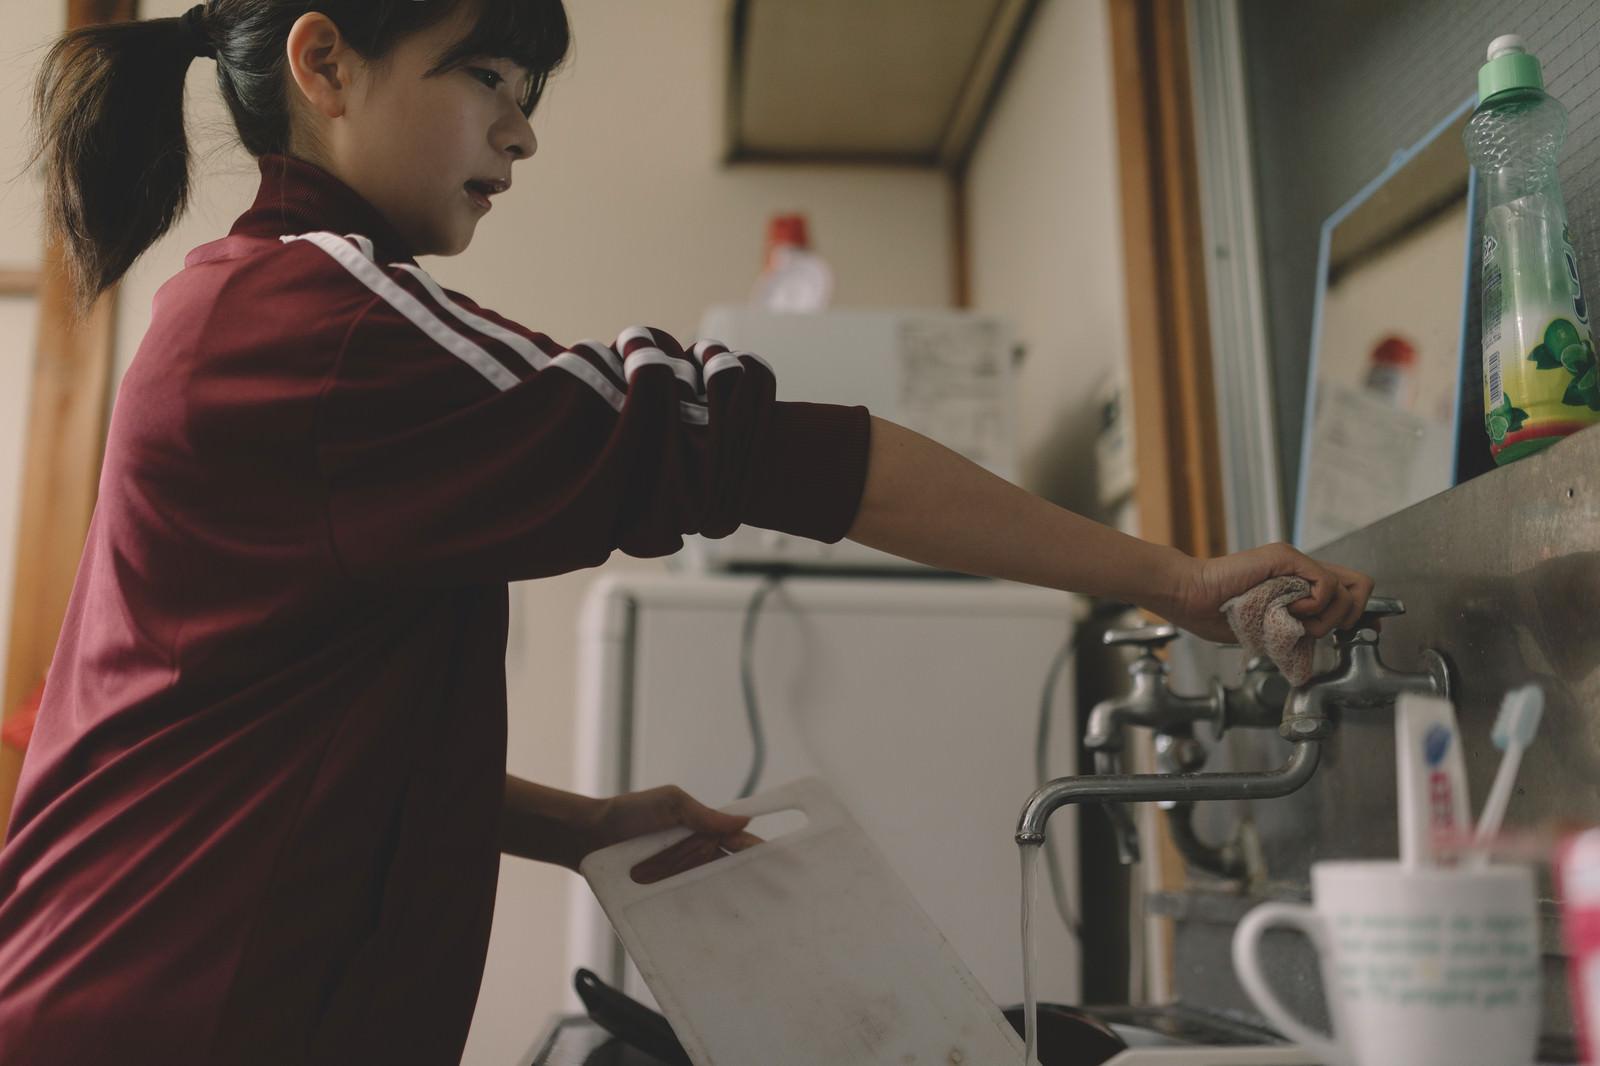 「溜まった洗い物をする貧乏学生(アパート暮らし)」の写真[モデル:千歳]